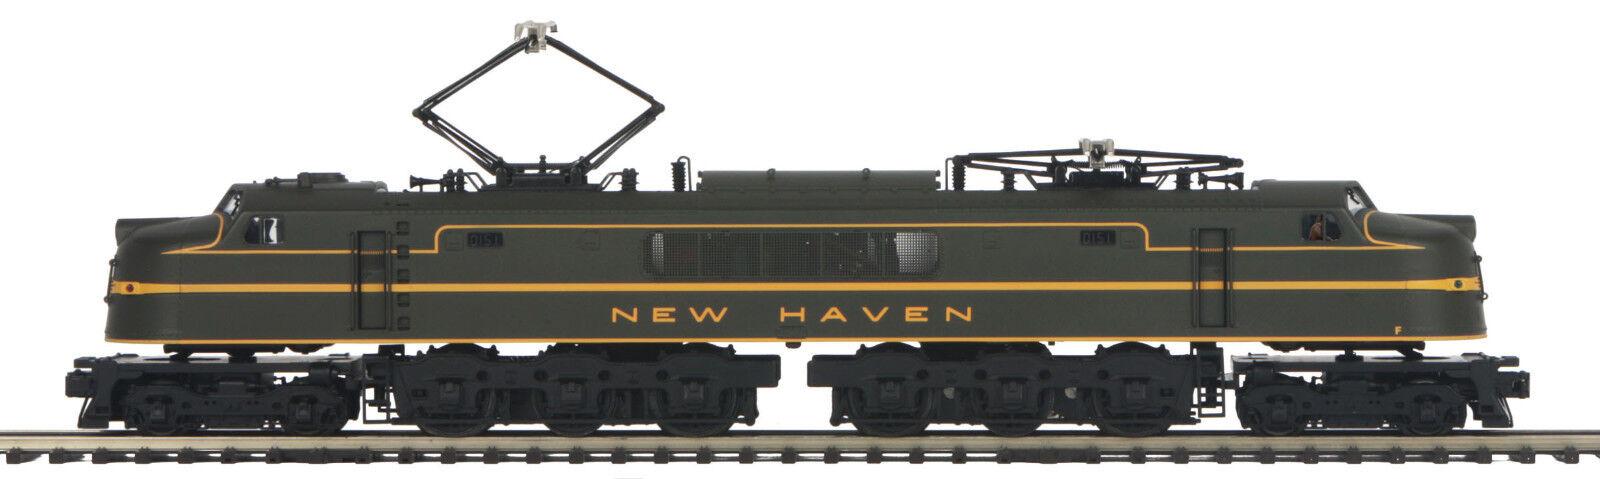 MTH  O  Gauge New Haven EF3b Eléctrico Motor 3 Cocheril con PS-3, DCC, sonido 20-5692-1